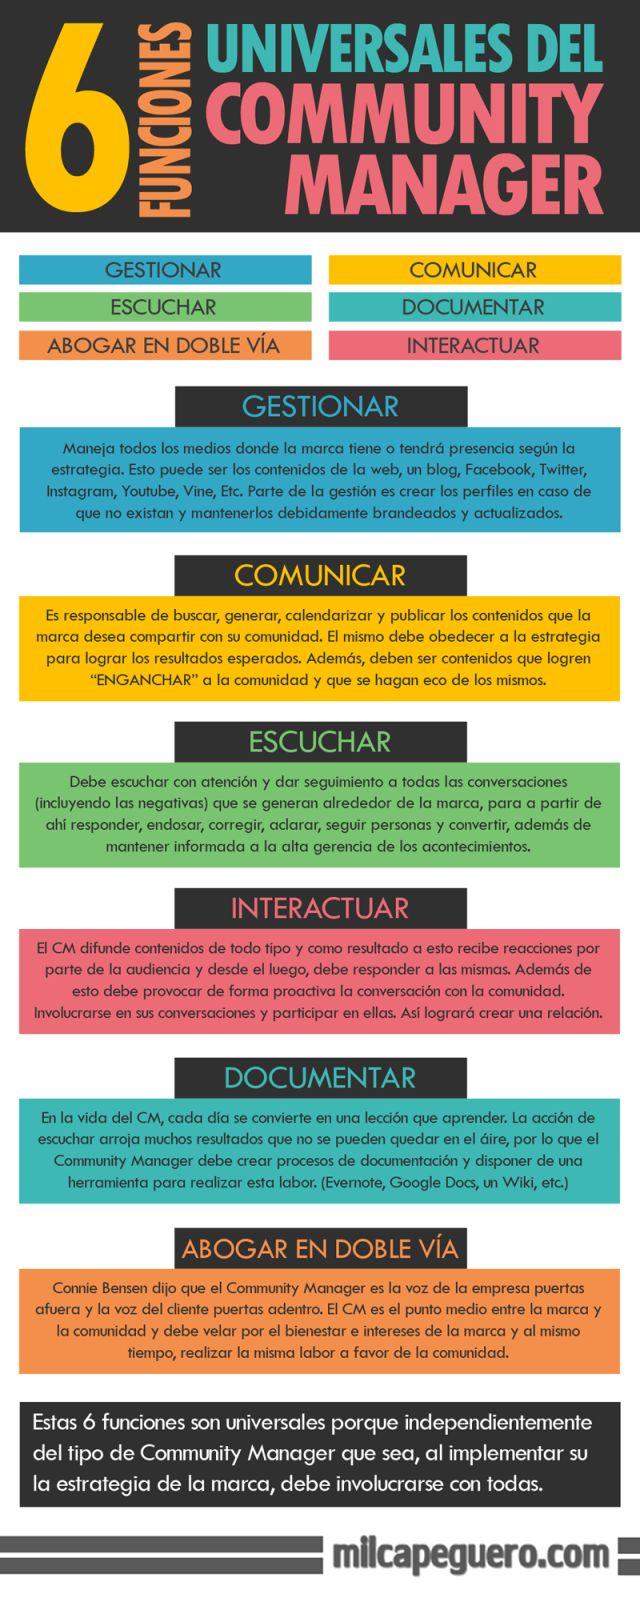 6 funciones universales del Community Manager. #infografia #infographic #SocialMedia